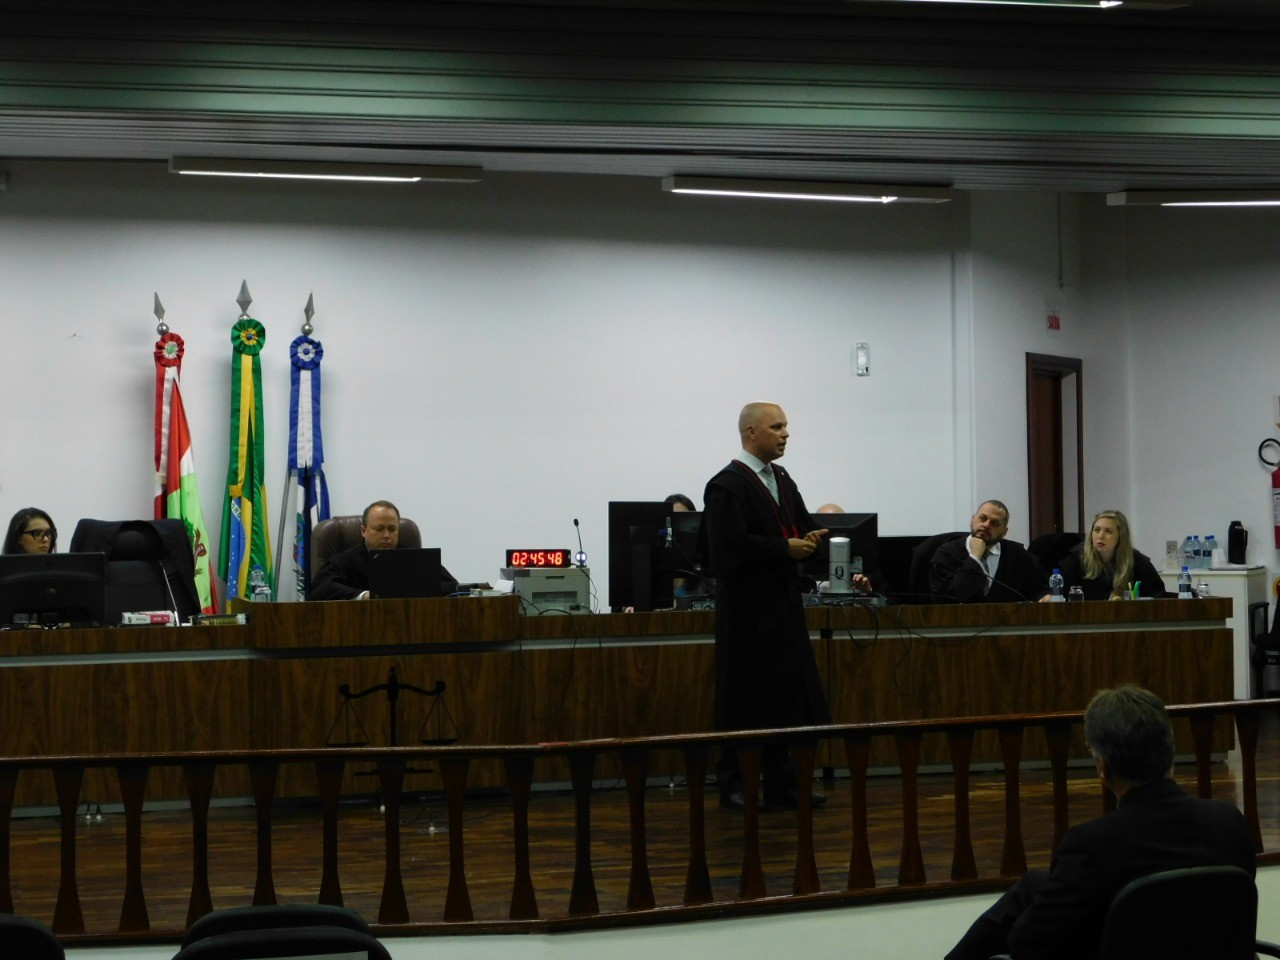 Jurados inocentam homem por ter jogado álcool no filho de dois meses, em Joinville - Notícias - Plantão Diário